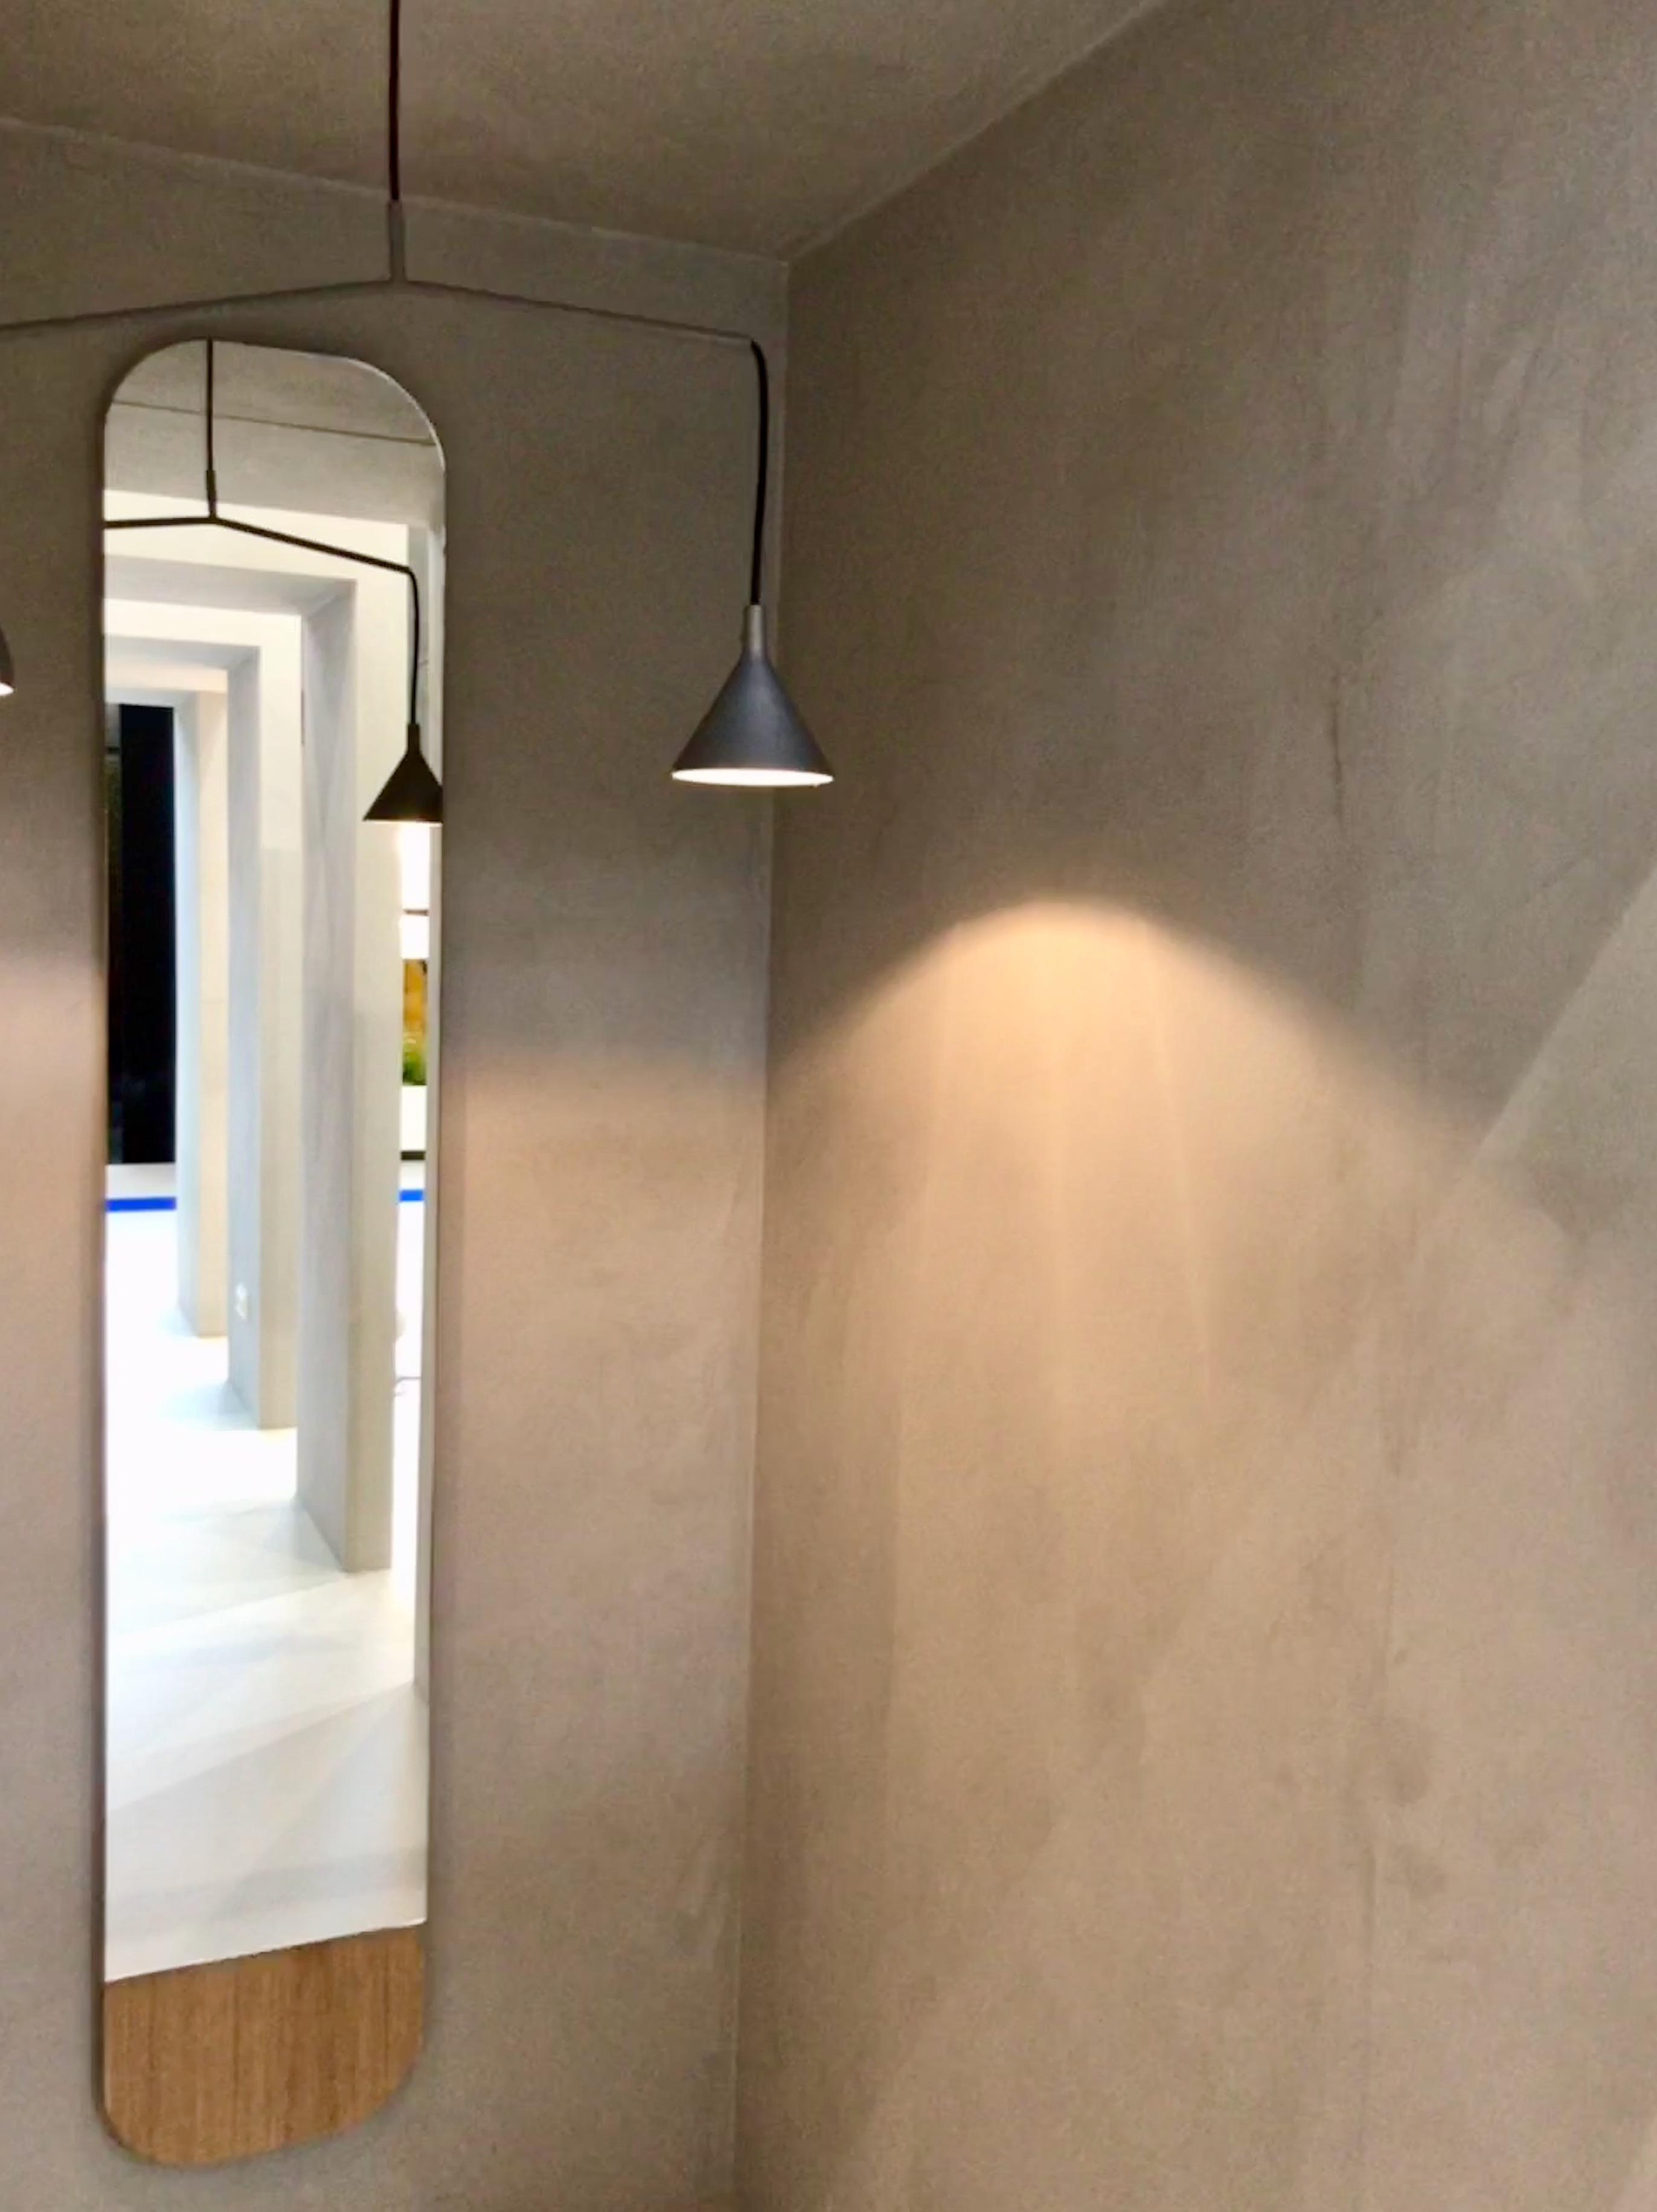 licht doorkijkje Tadao Ando